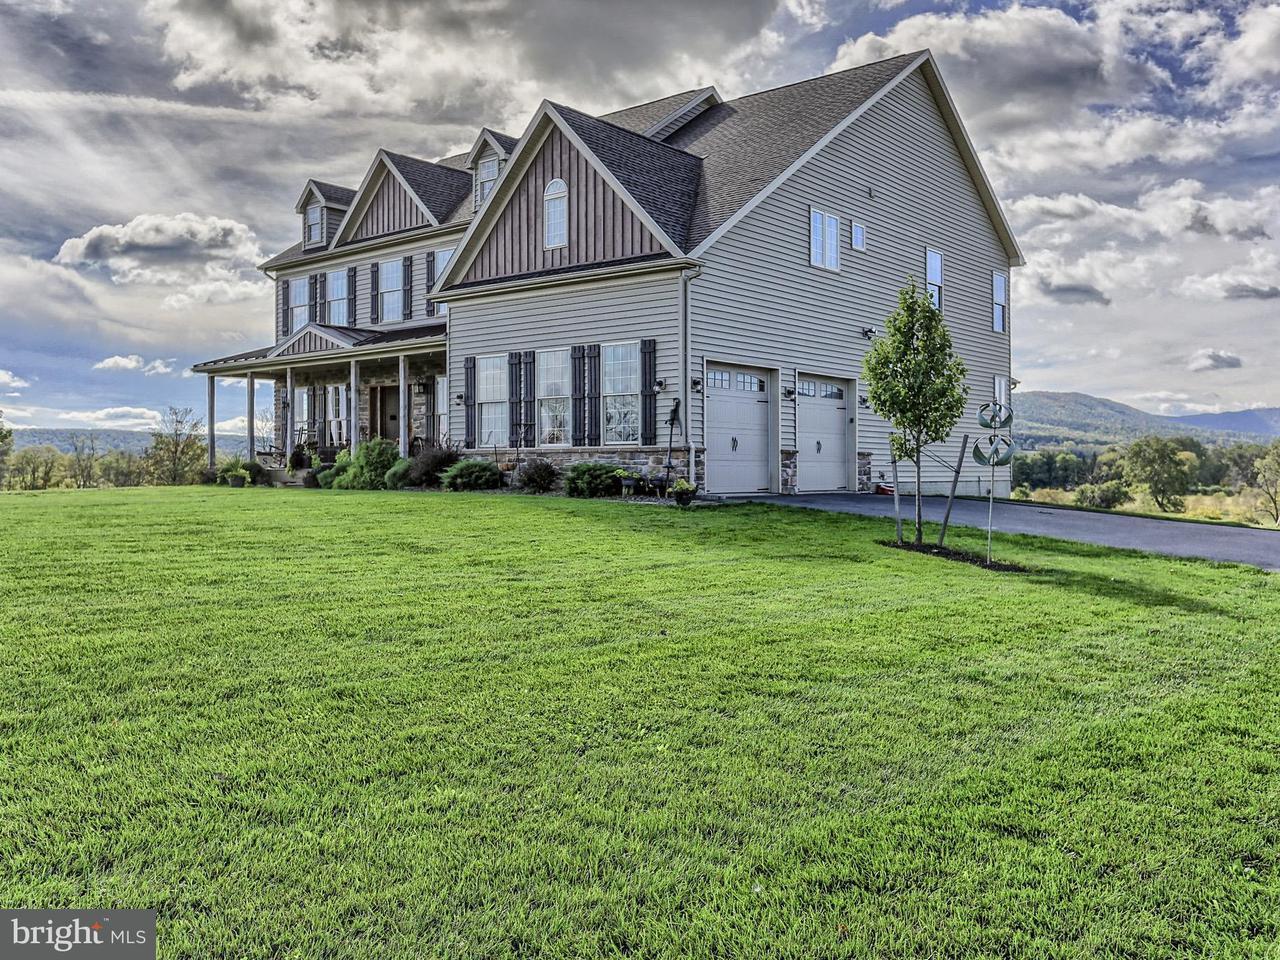 独户住宅 为 销售 在 9763 Blue Spring Road 9763 Blue Spring Road Mercersburg, 宾夕法尼亚州 17236 美国